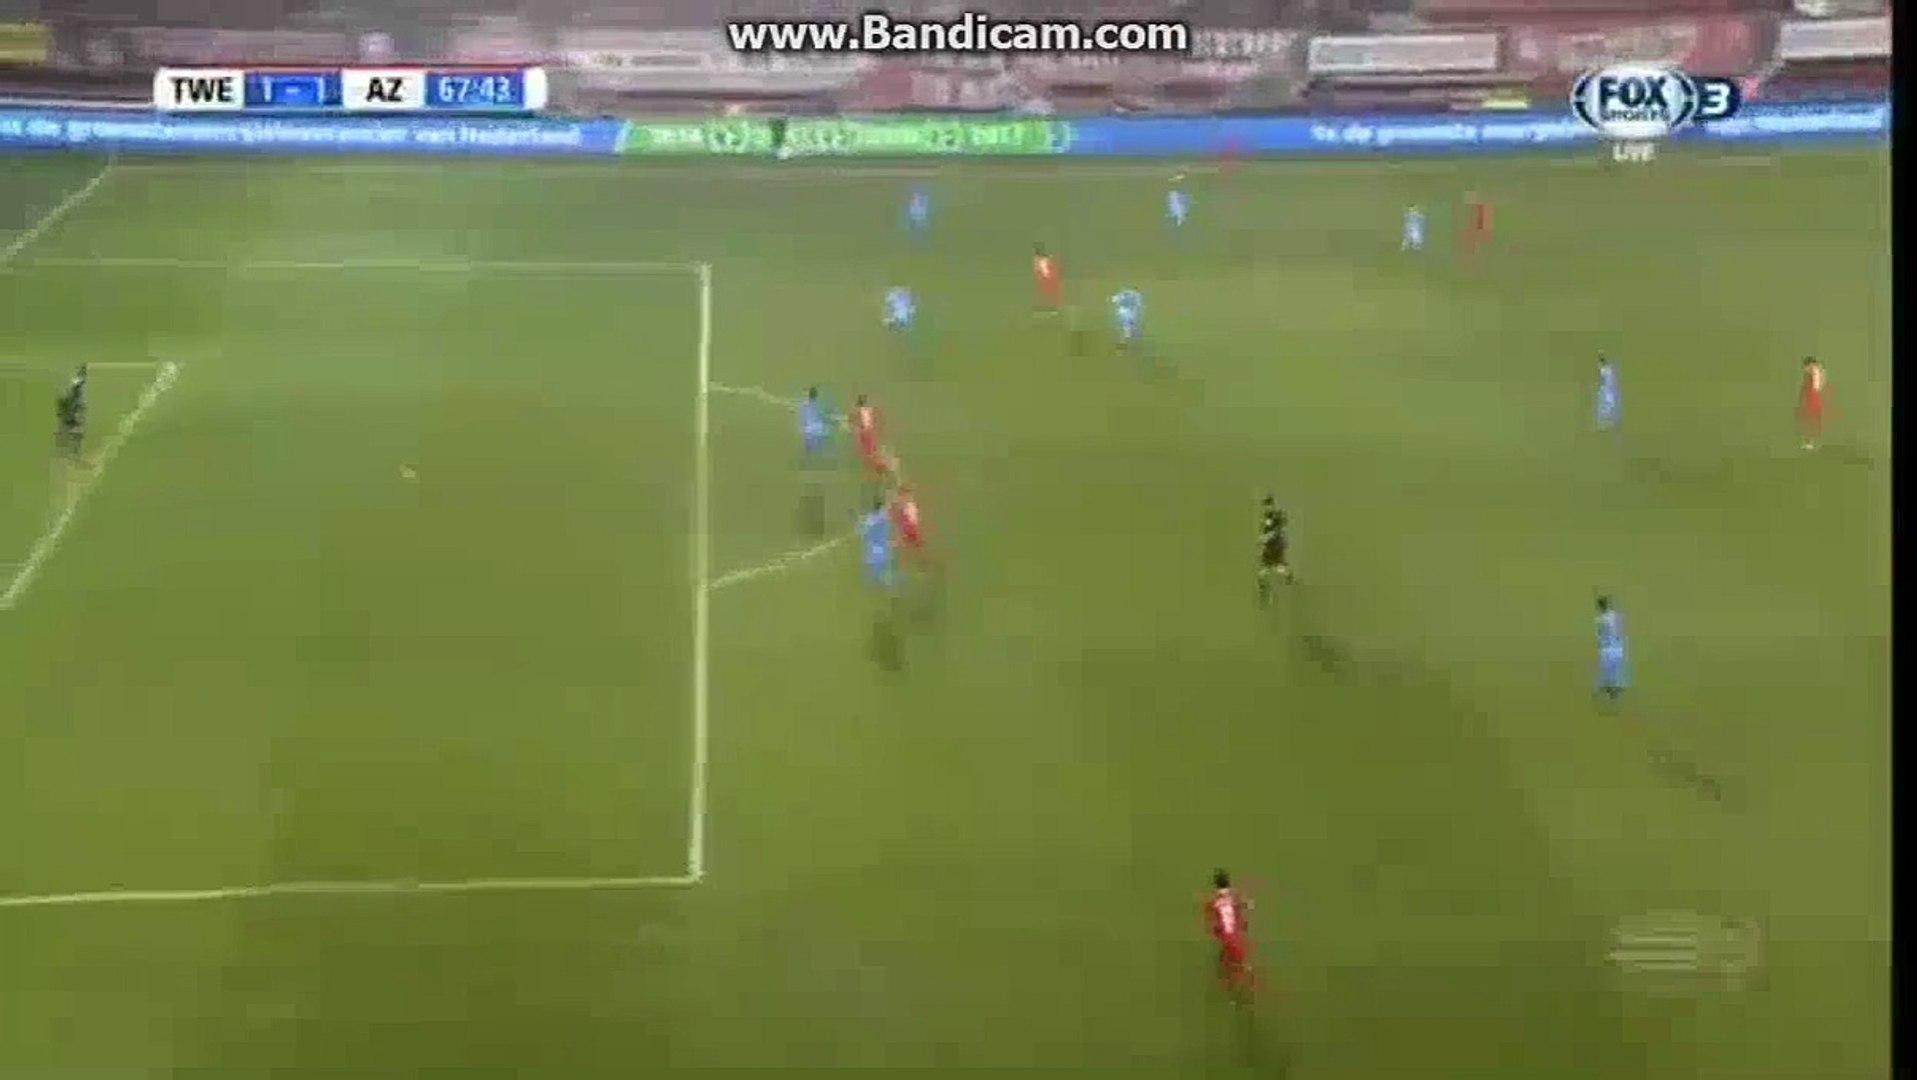 Enes Unal Goal HD - FC Twente 1-1 AZ Alkmaar - 17.12.2016 HD